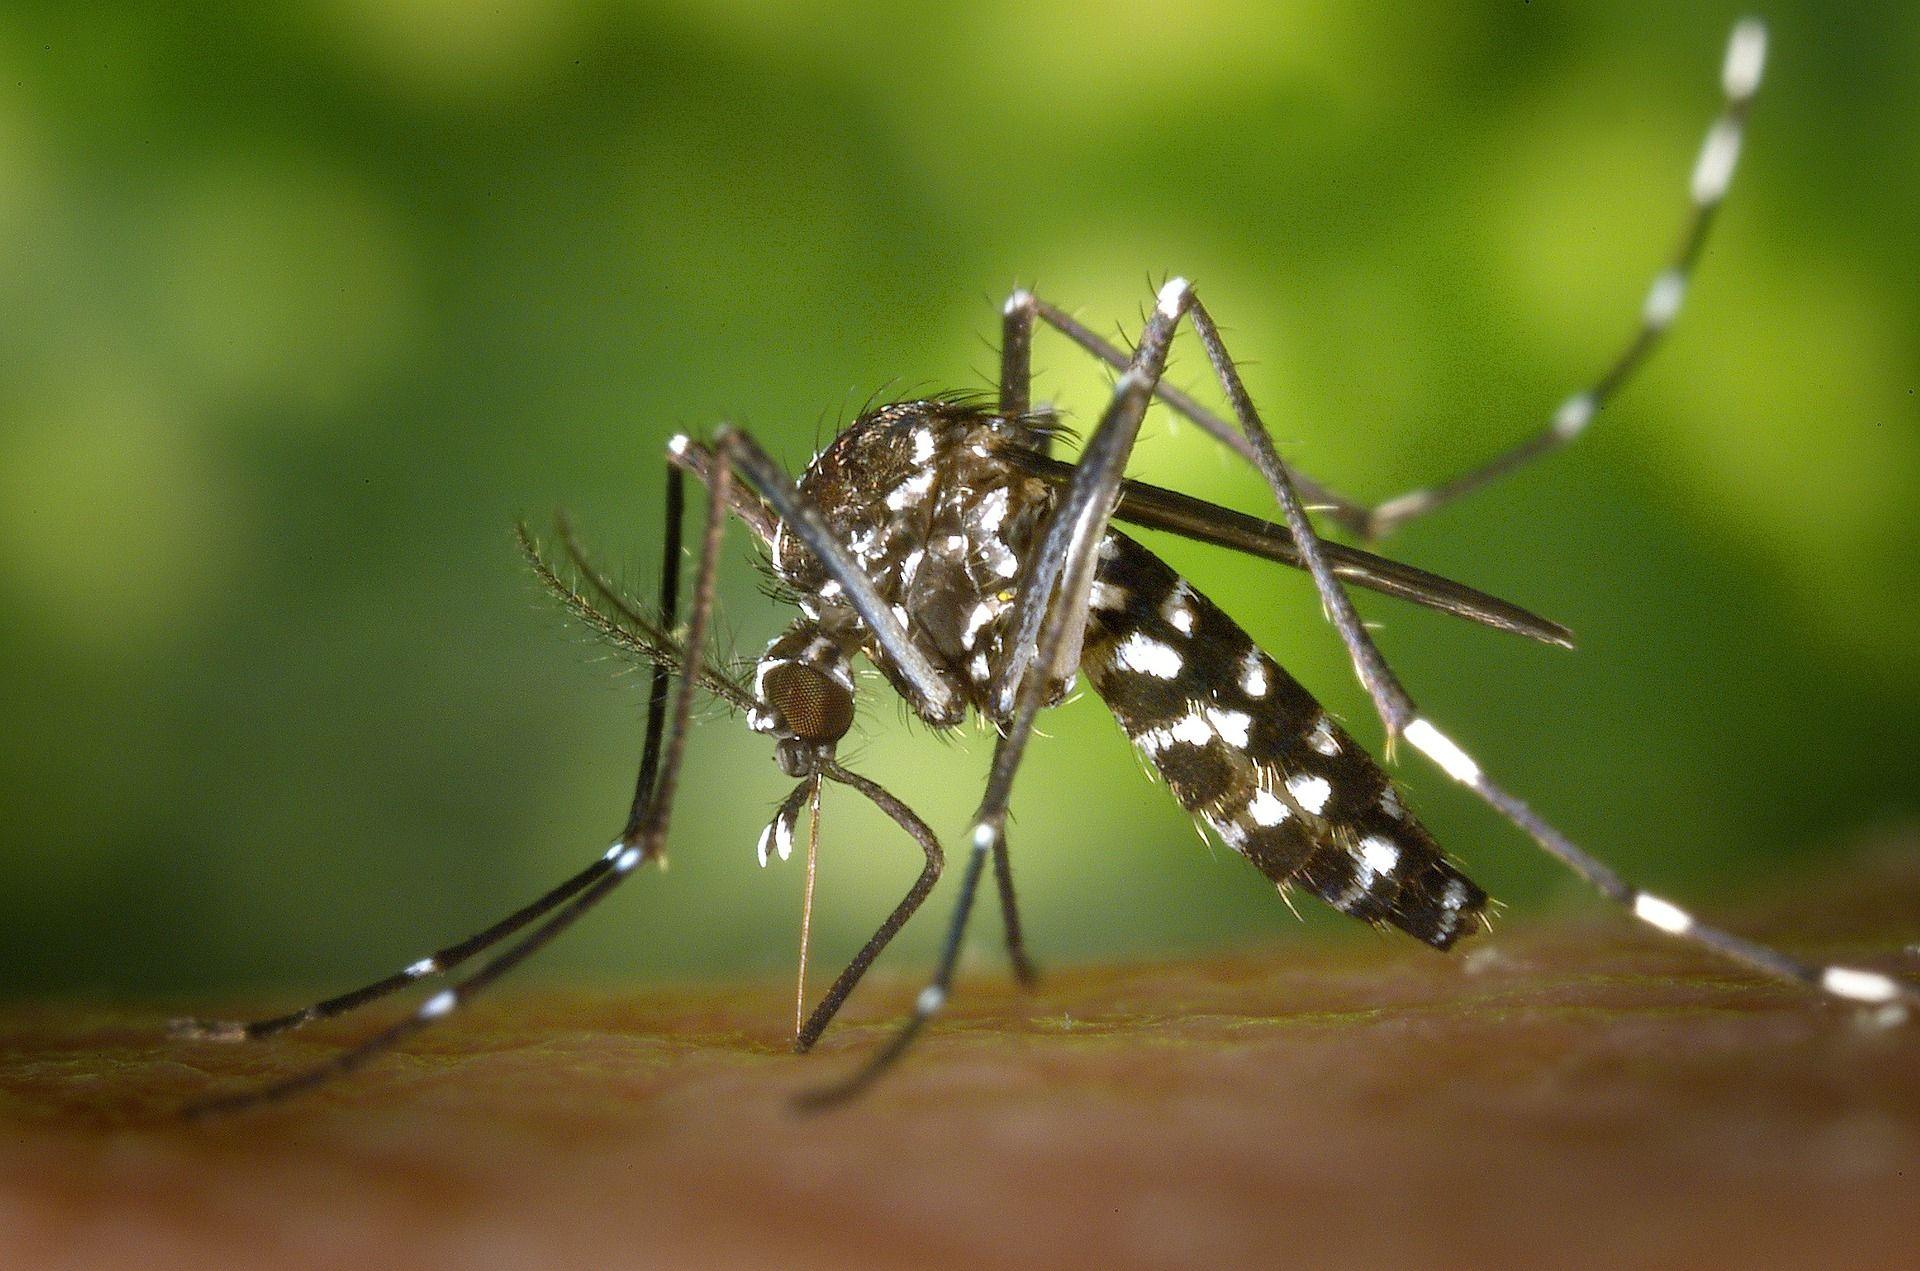 Mosquito Tigre - Pixabay